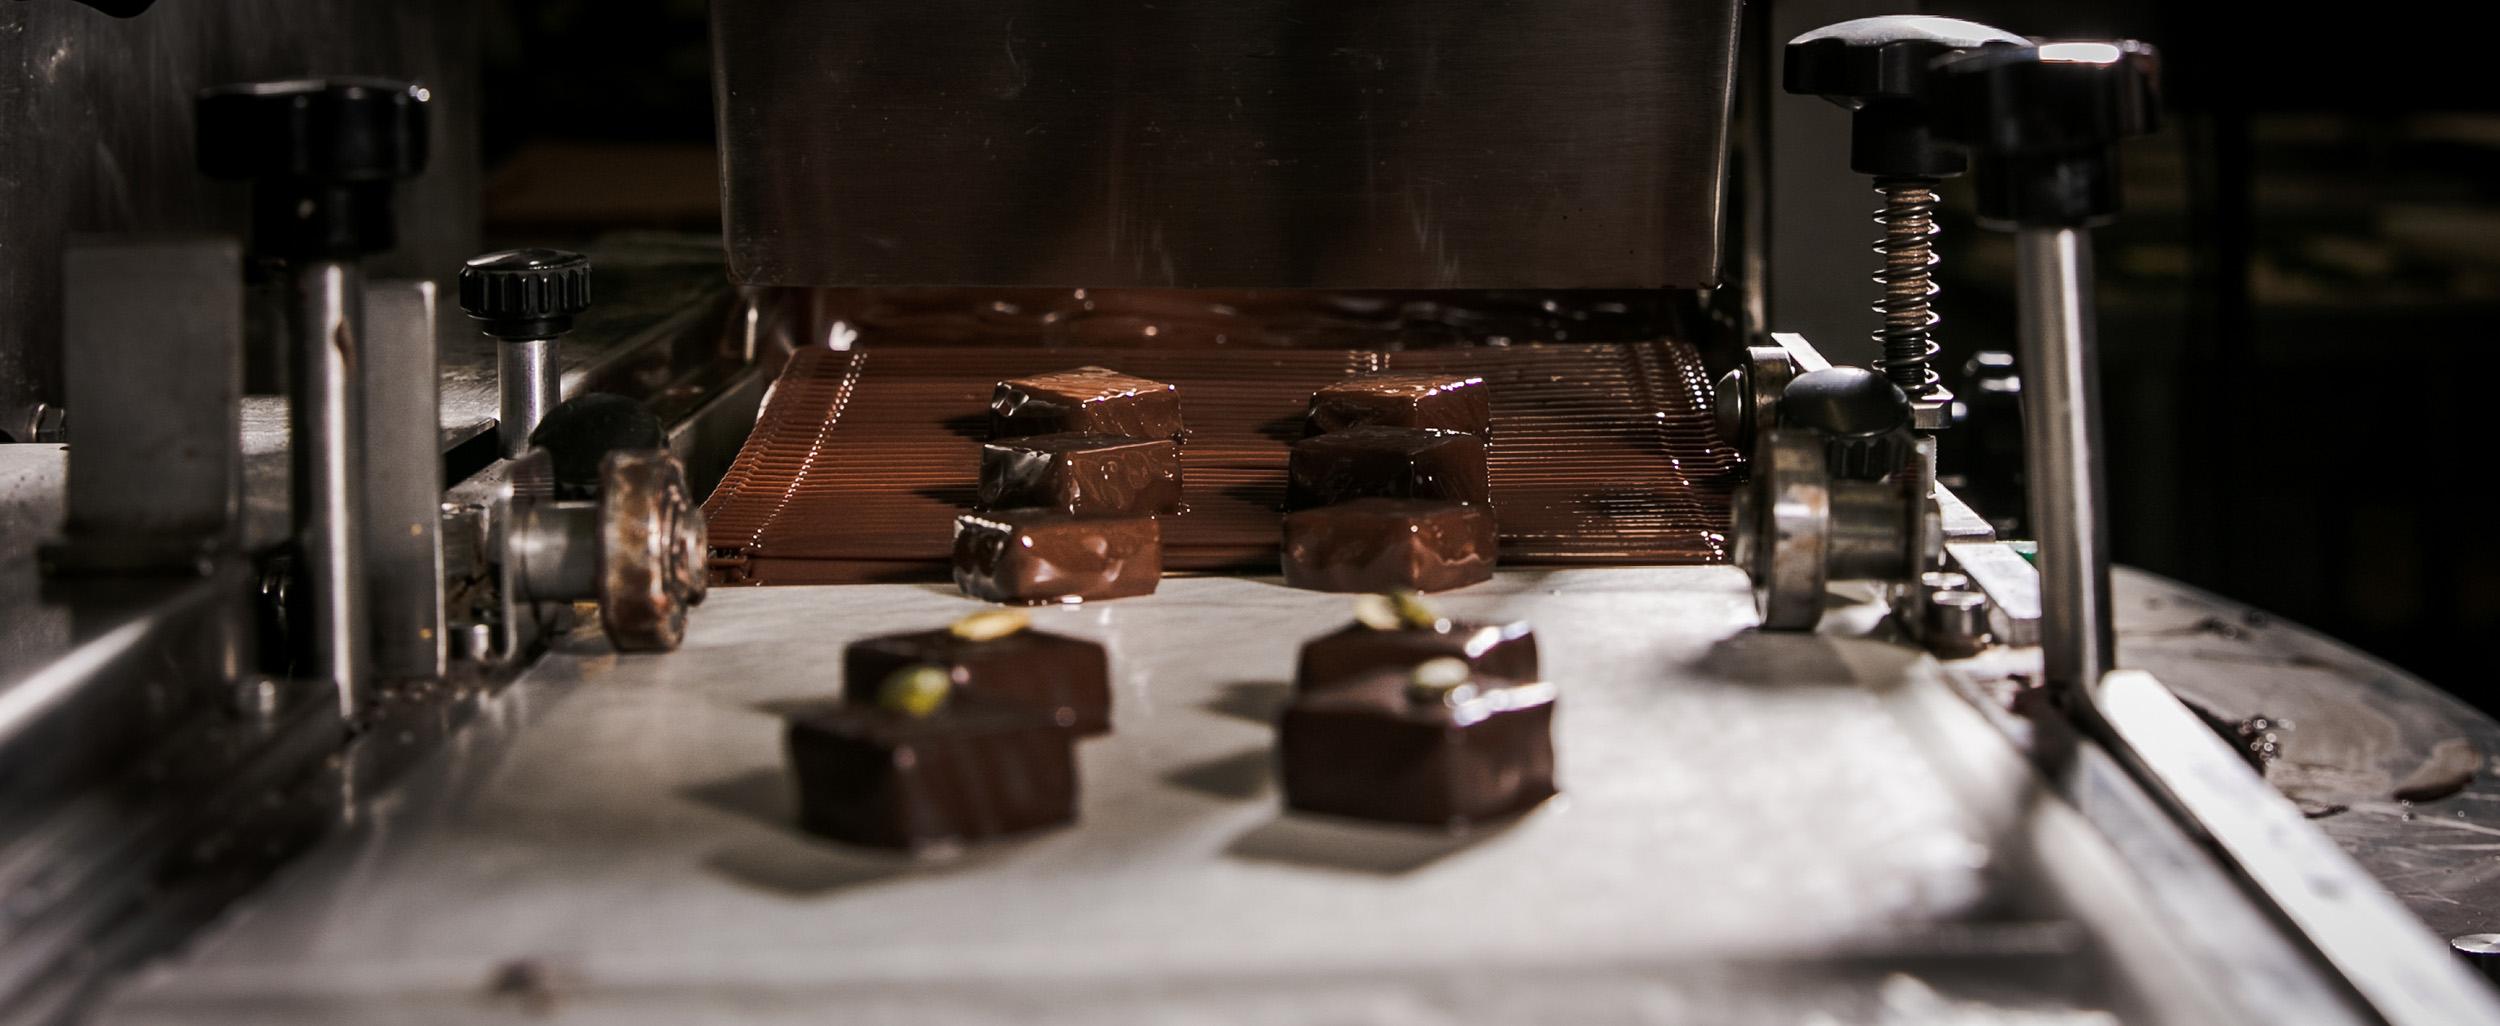 EHChocolatier enrobed